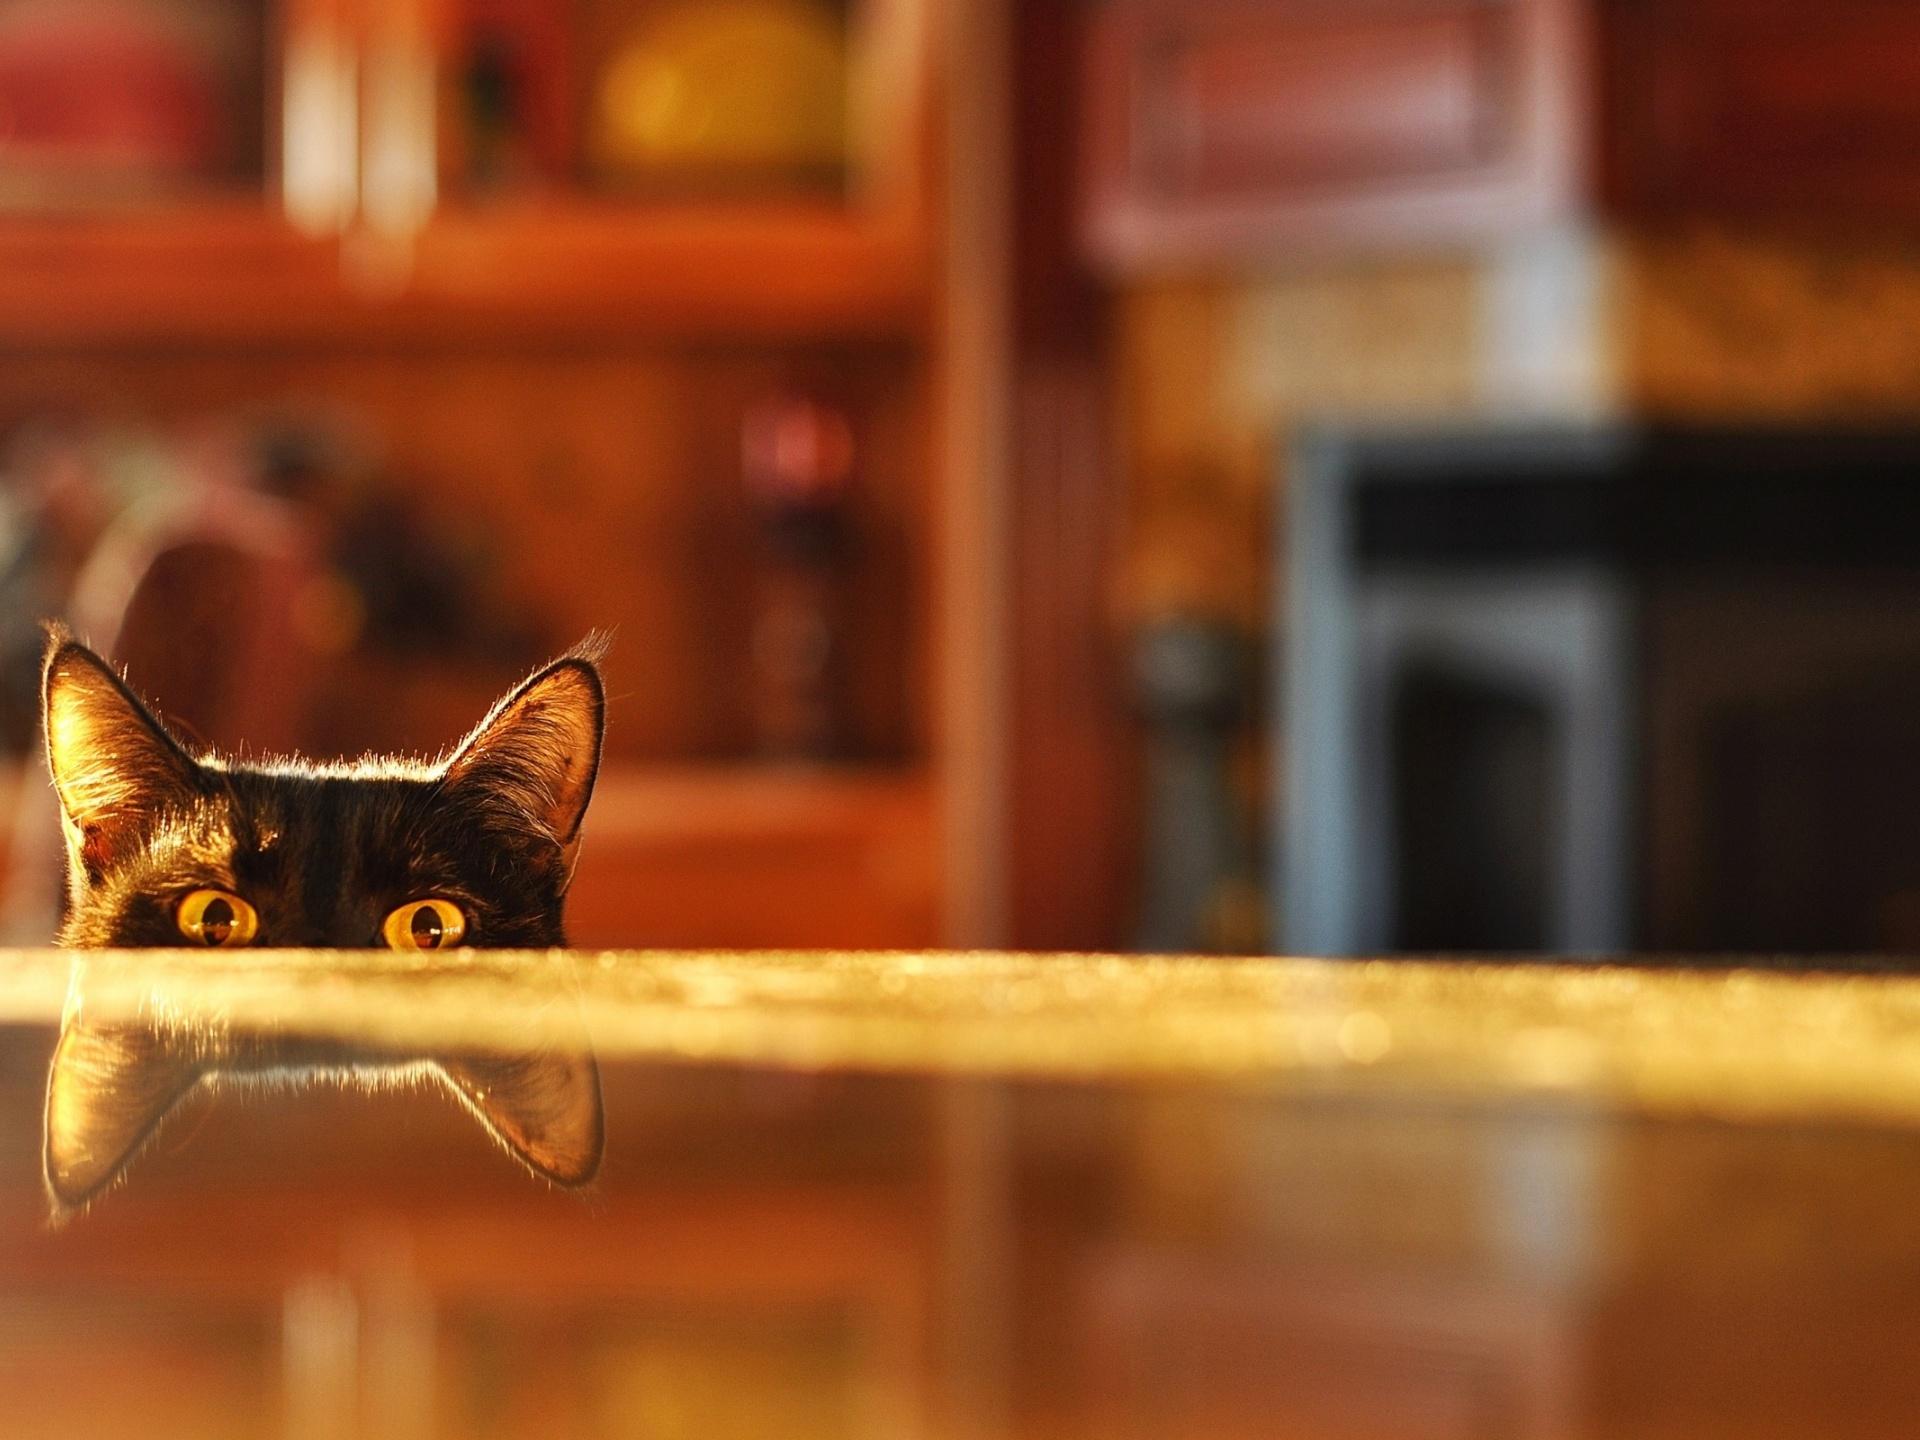 kediyle-birlikte-ev-tasima-patiliyo-5